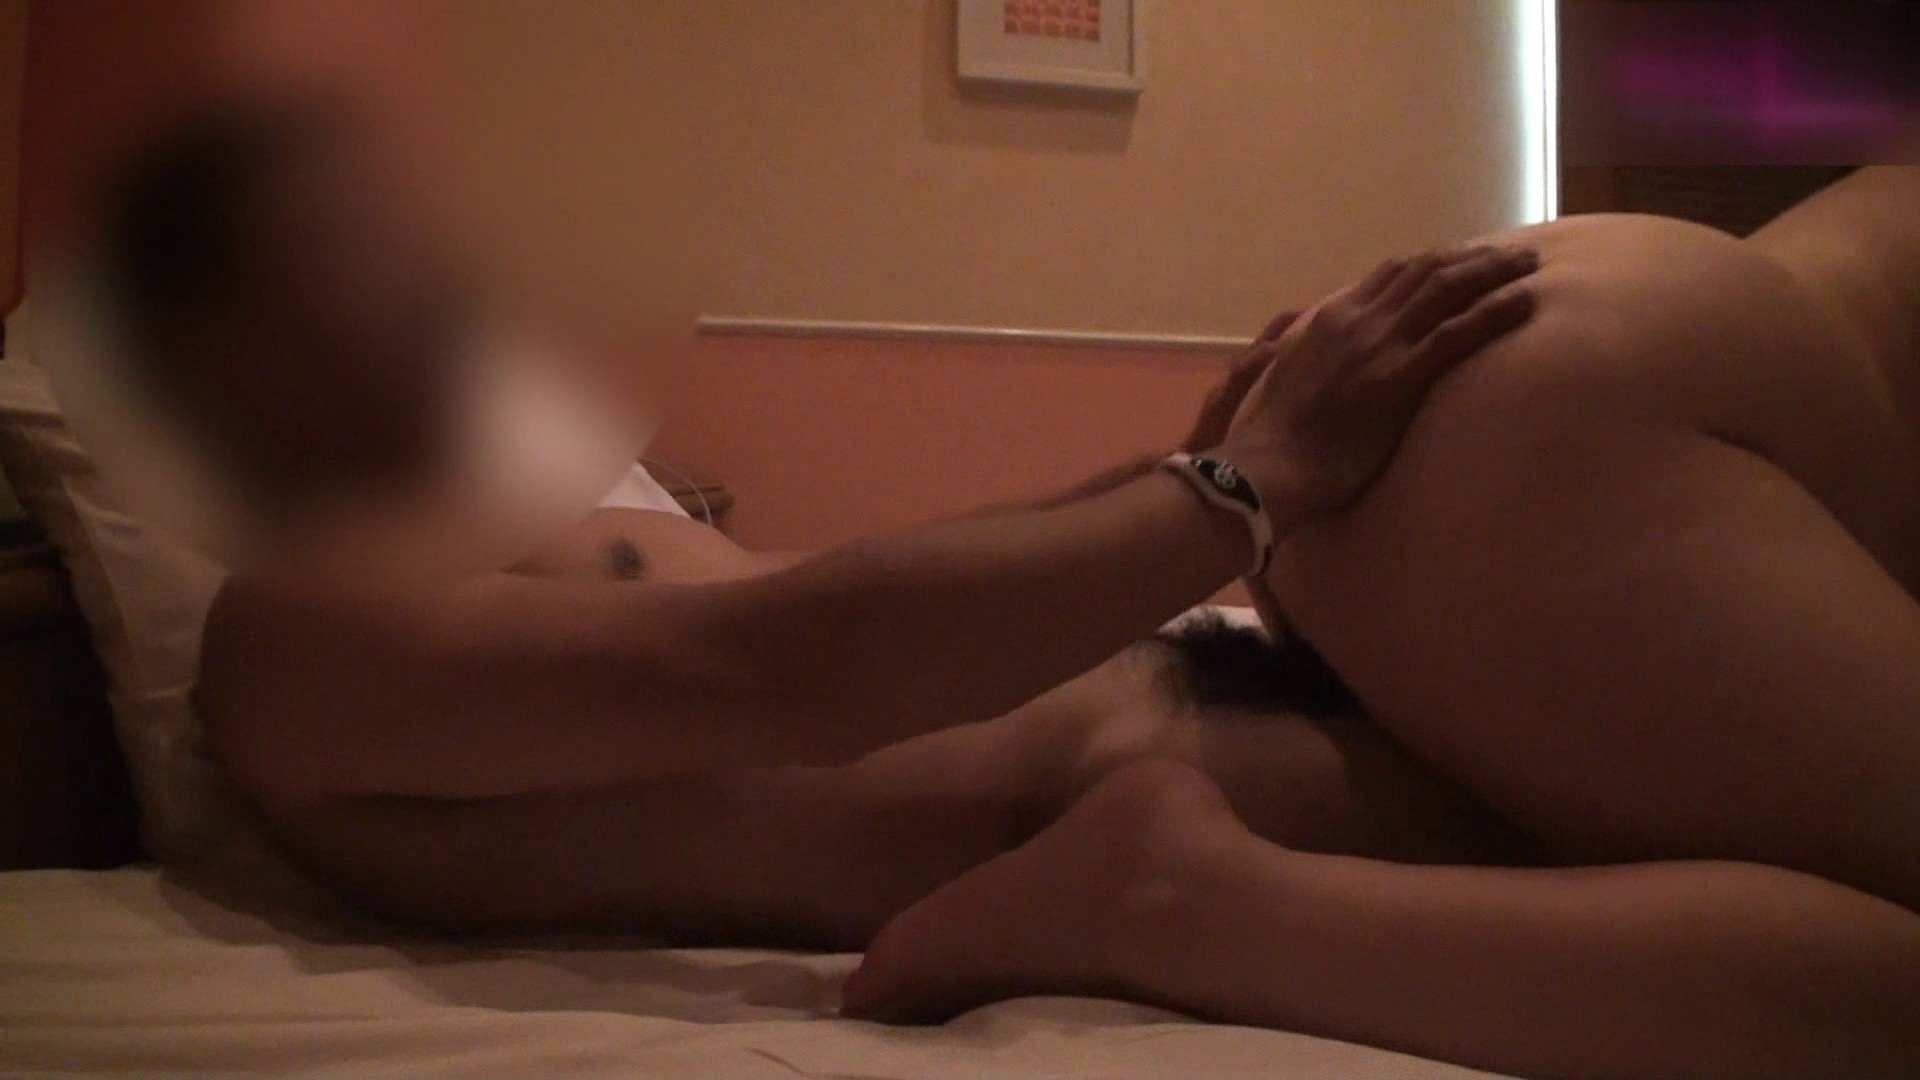 ギャルエロ娘の反乱 Vol.05 後編 フェラチオ特集 オマンコ動画キャプチャ 93pic 40